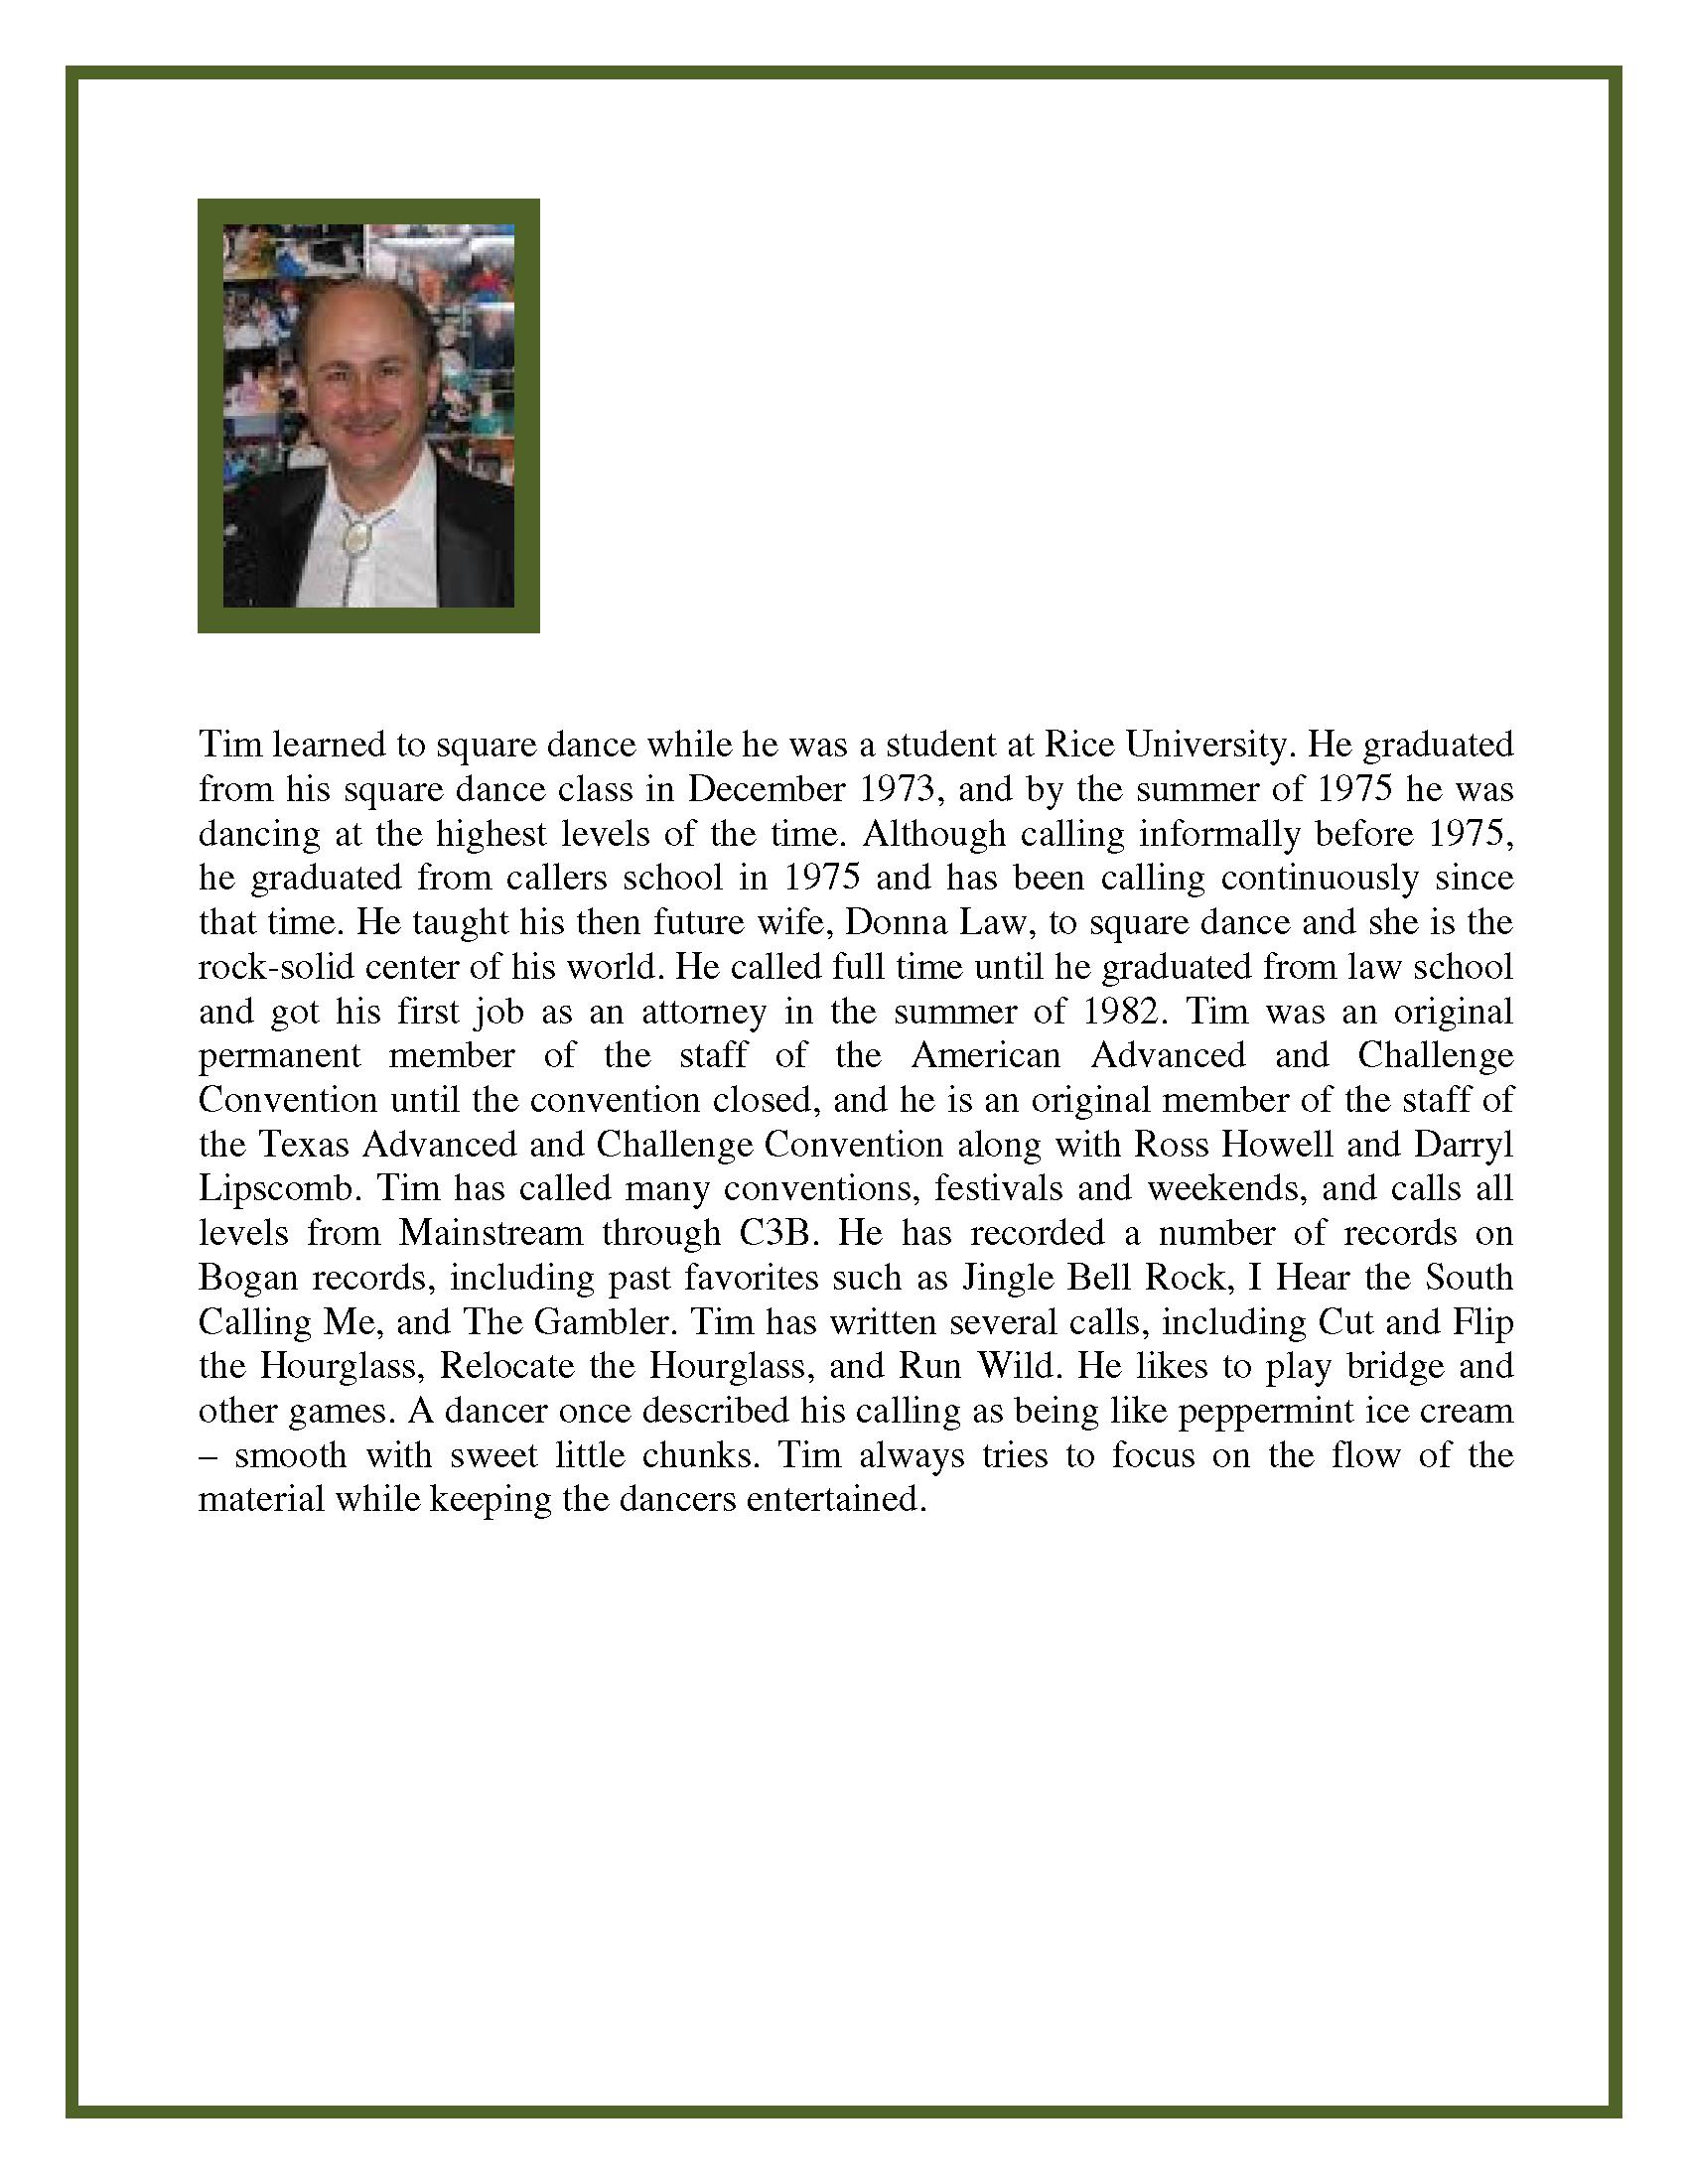 Tim Ploch bio (email)